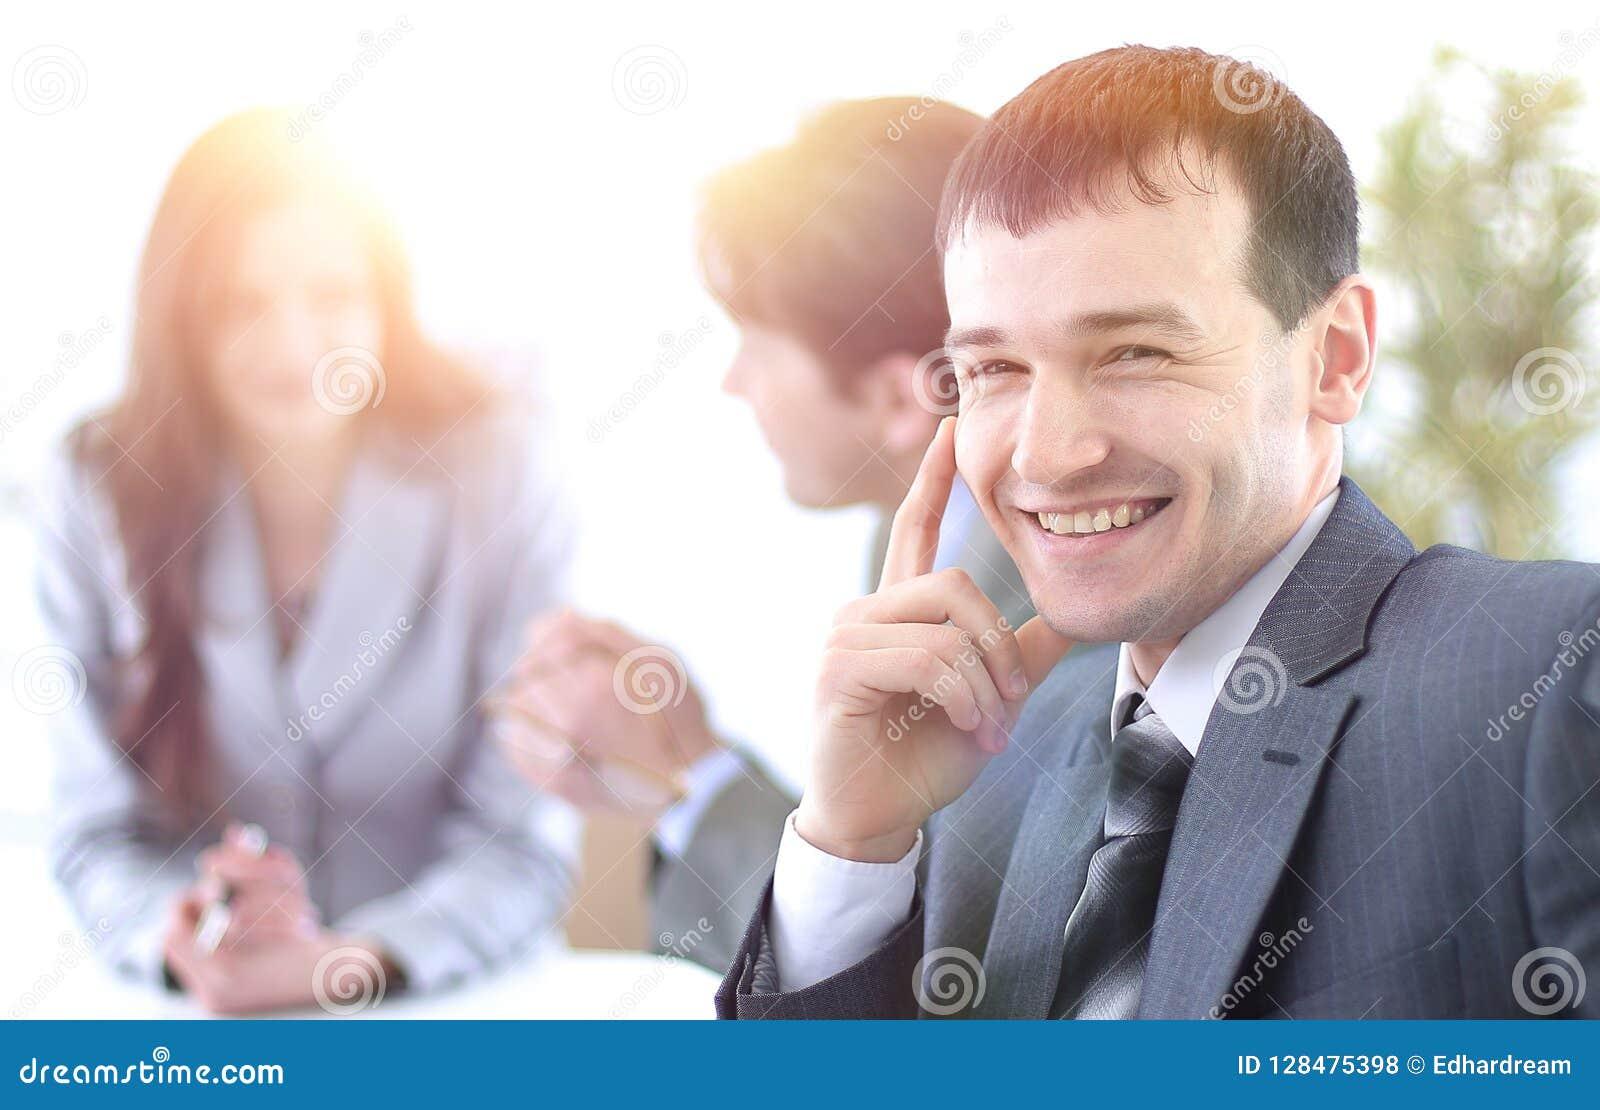 Επιτυχής επιχειρηματίας στον εργασιακό χώρο